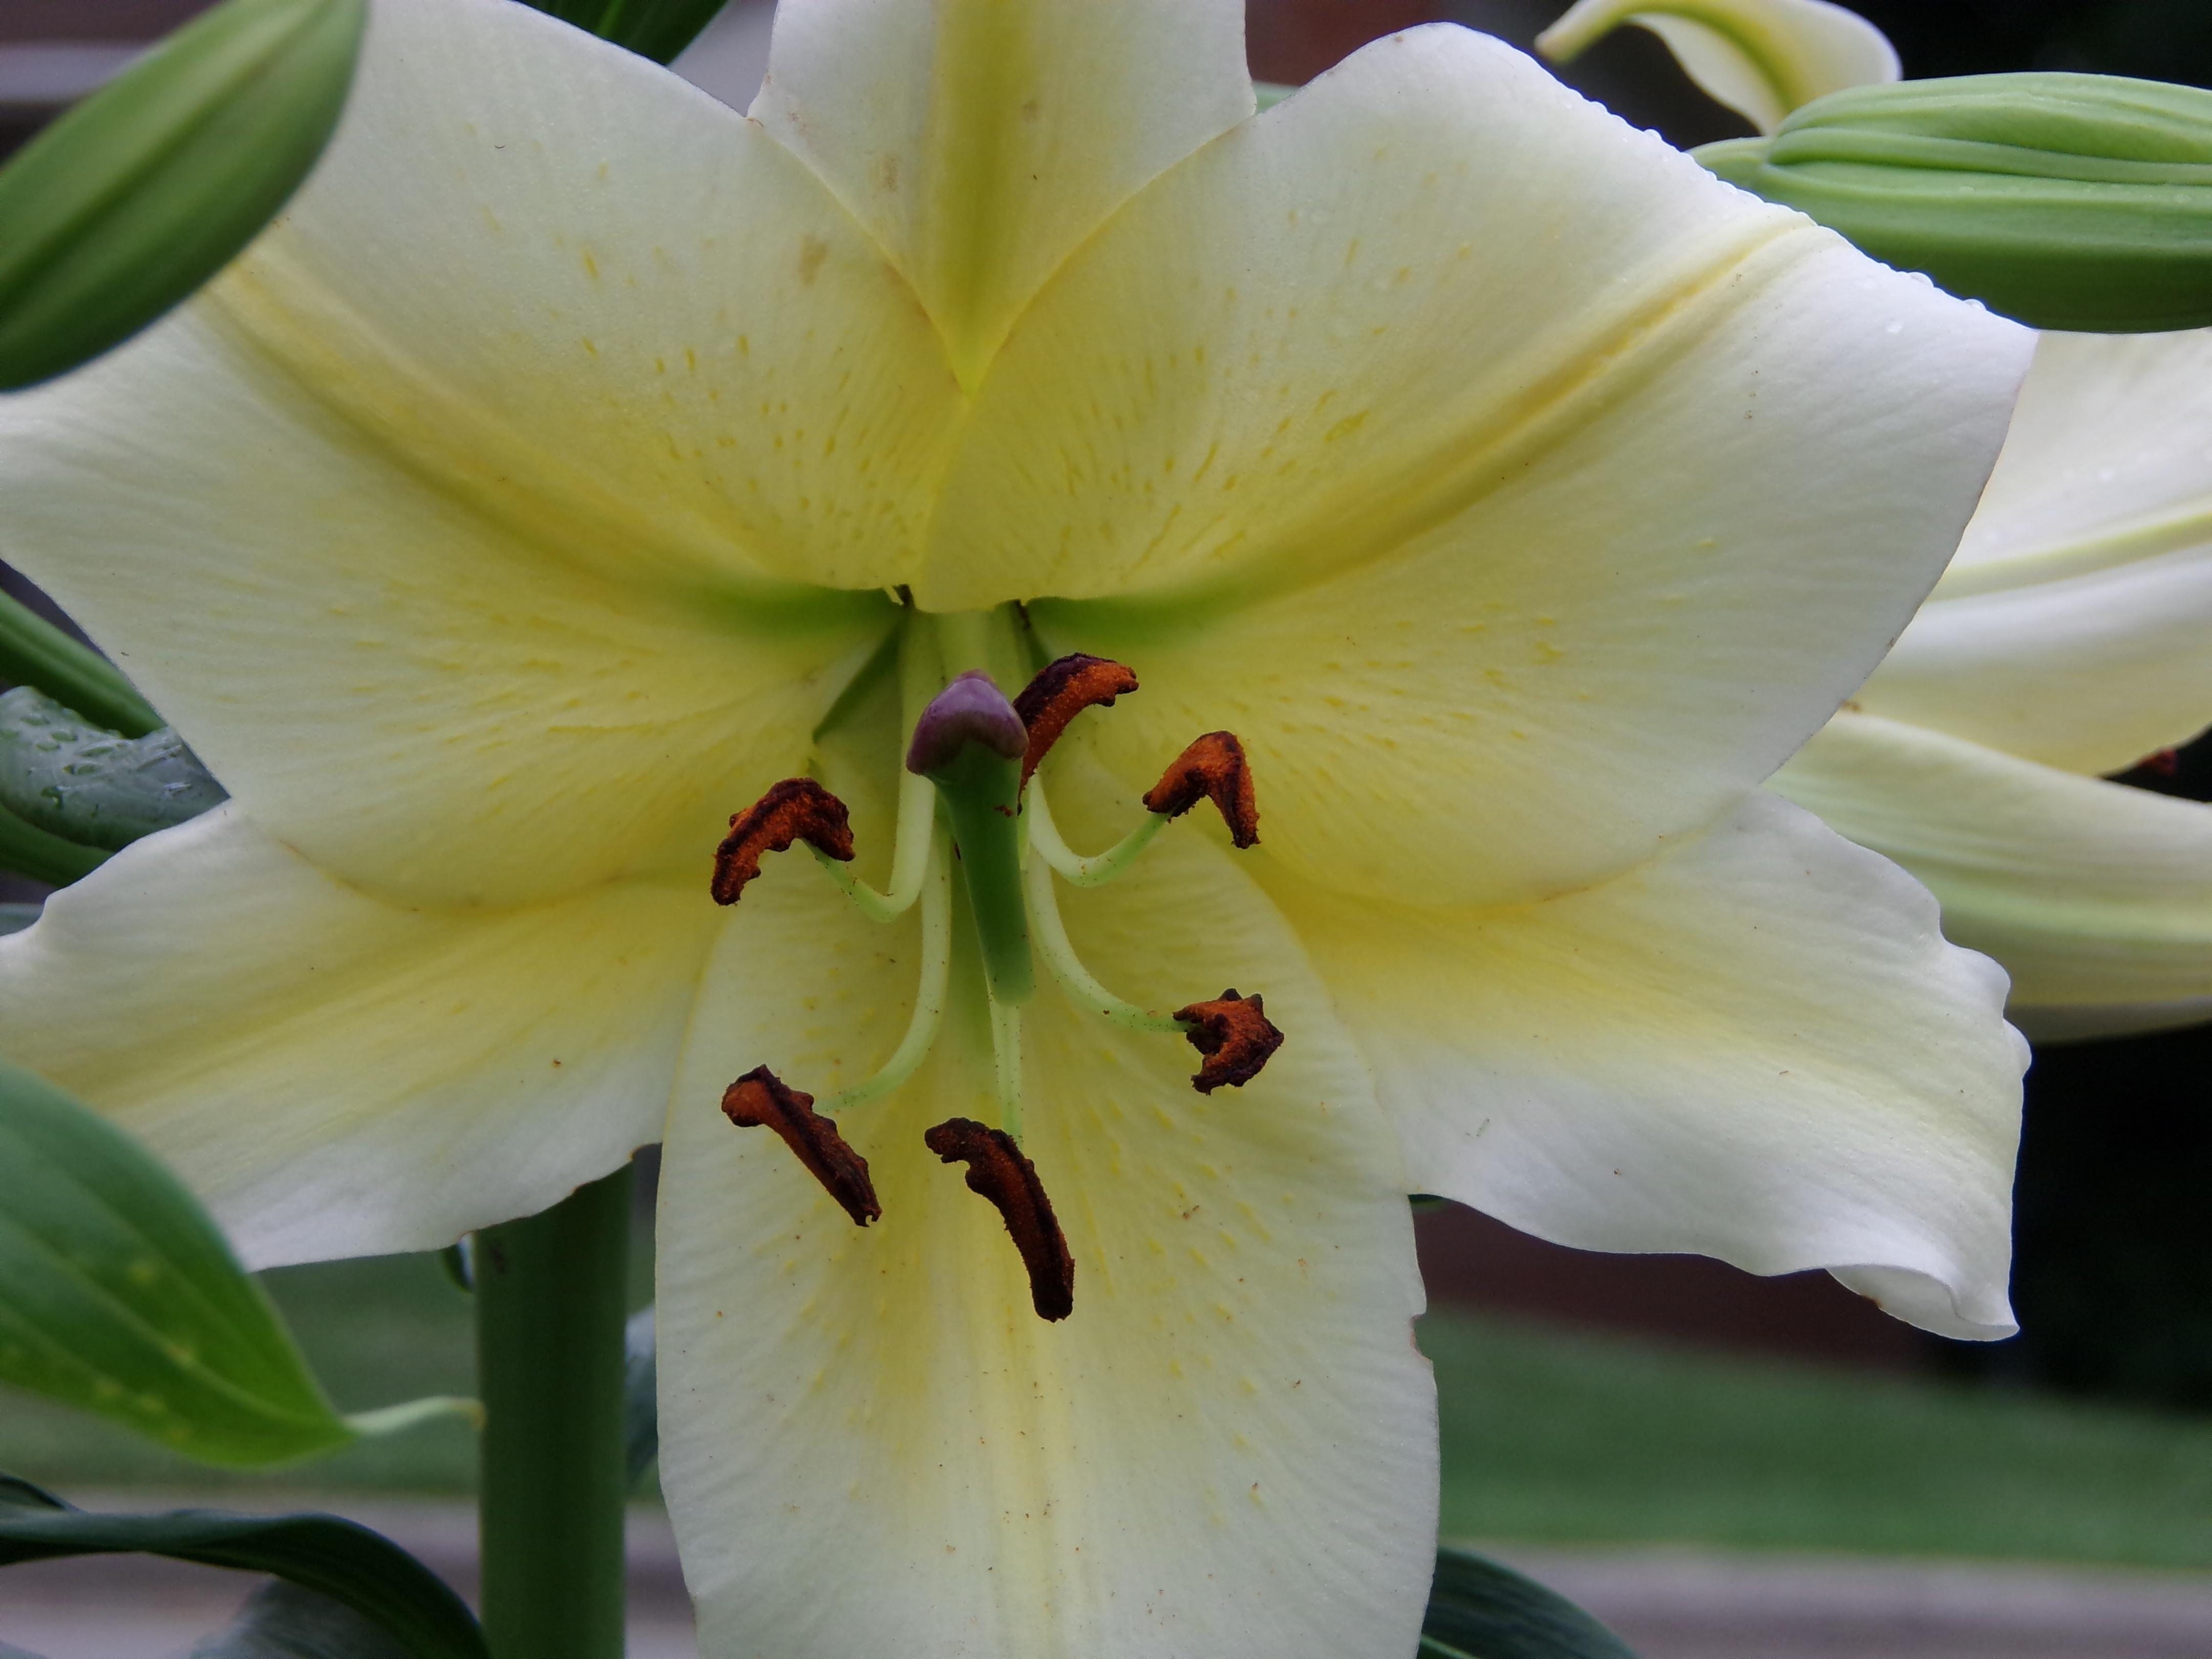 Free Images : blossom, white, leaf, flower, petal, bloom, summer ...